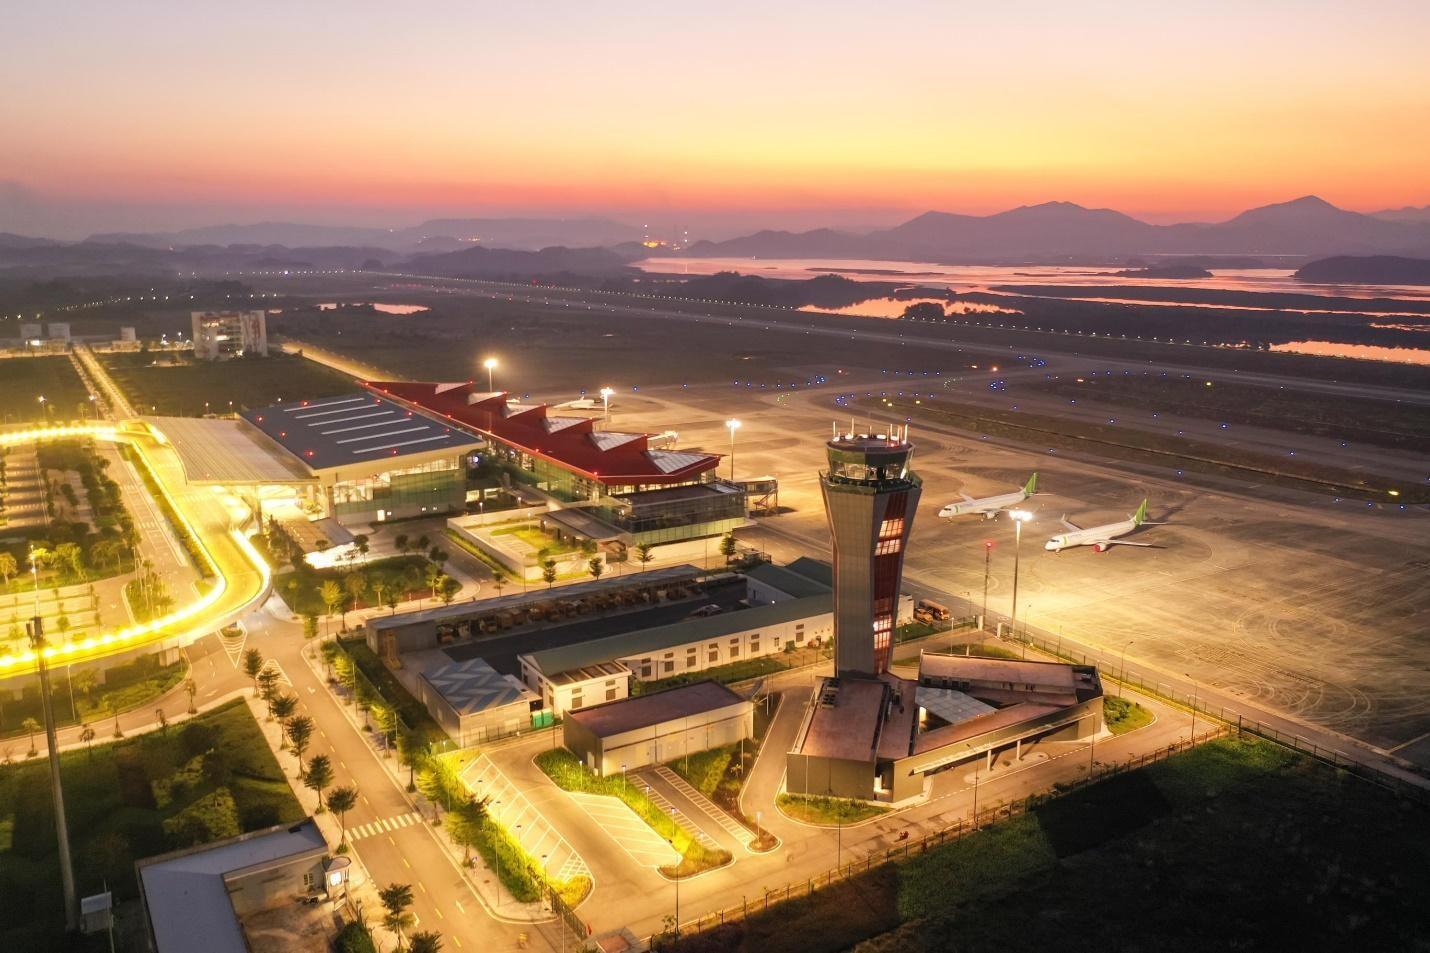 Hệ thống công nghệ tại sân bay hiện đại nhất Việt Nam có gì? - Ảnh 11